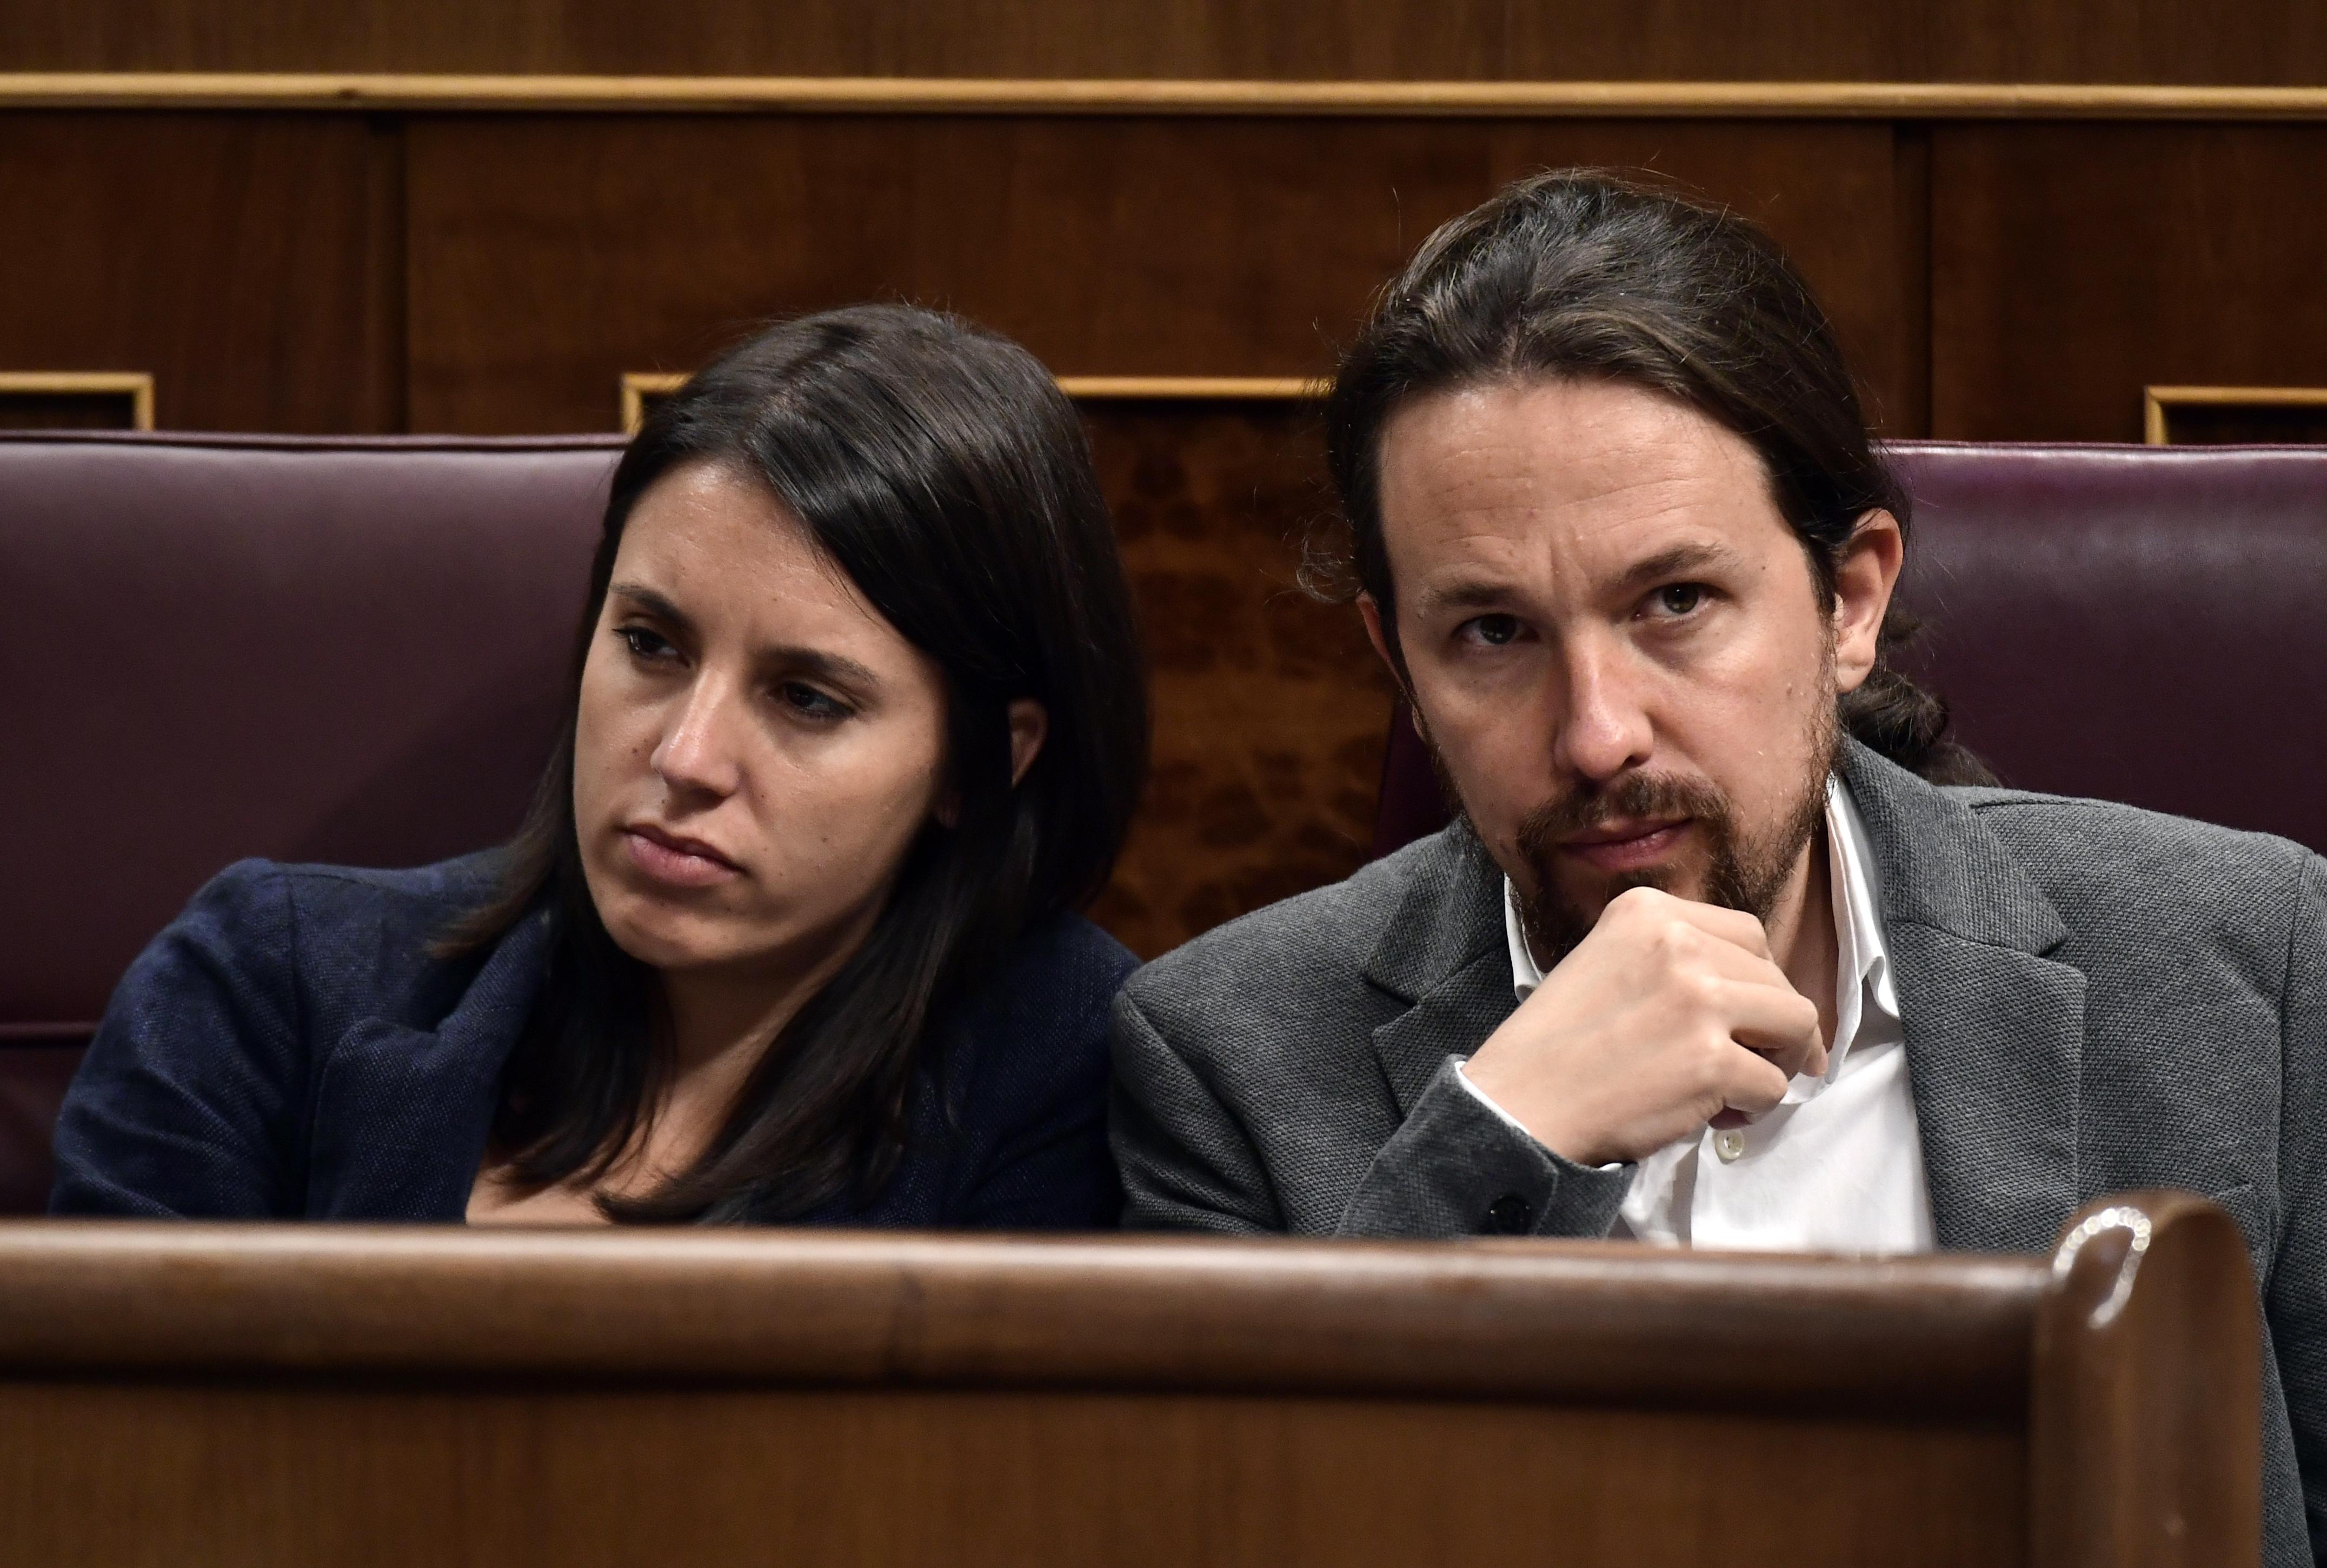 Közel a megegyezés az új balos kormányról Spanyolországban, mert a kisebbik párt elnöke átengedte a helyet a kedvesének